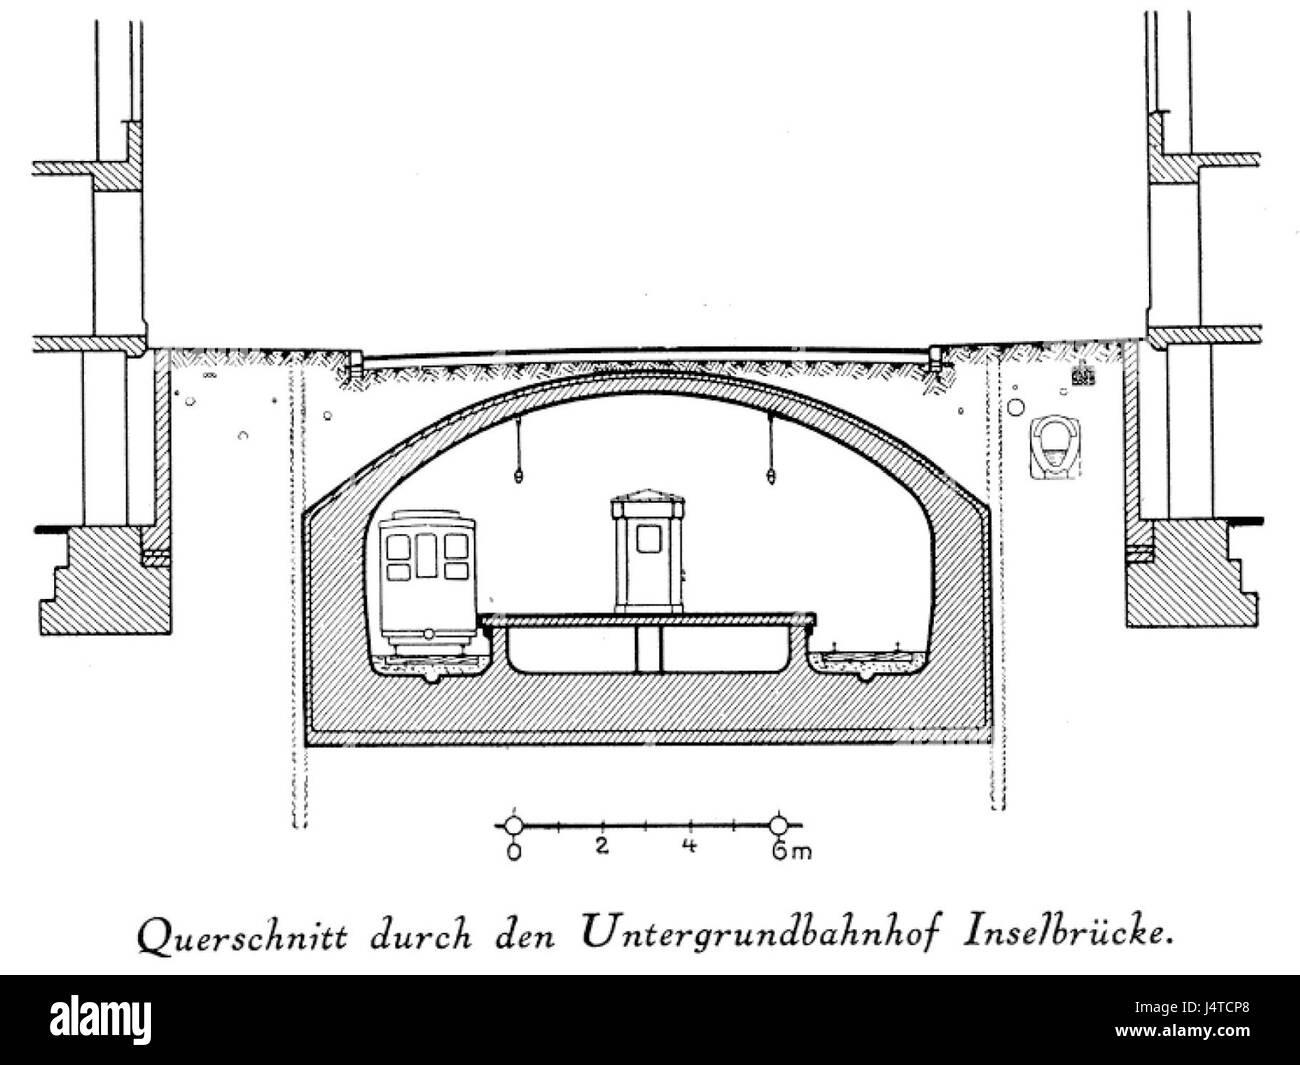 U Bahn Berlin Inselbruecke Querschnitt 1913 Stock Photo